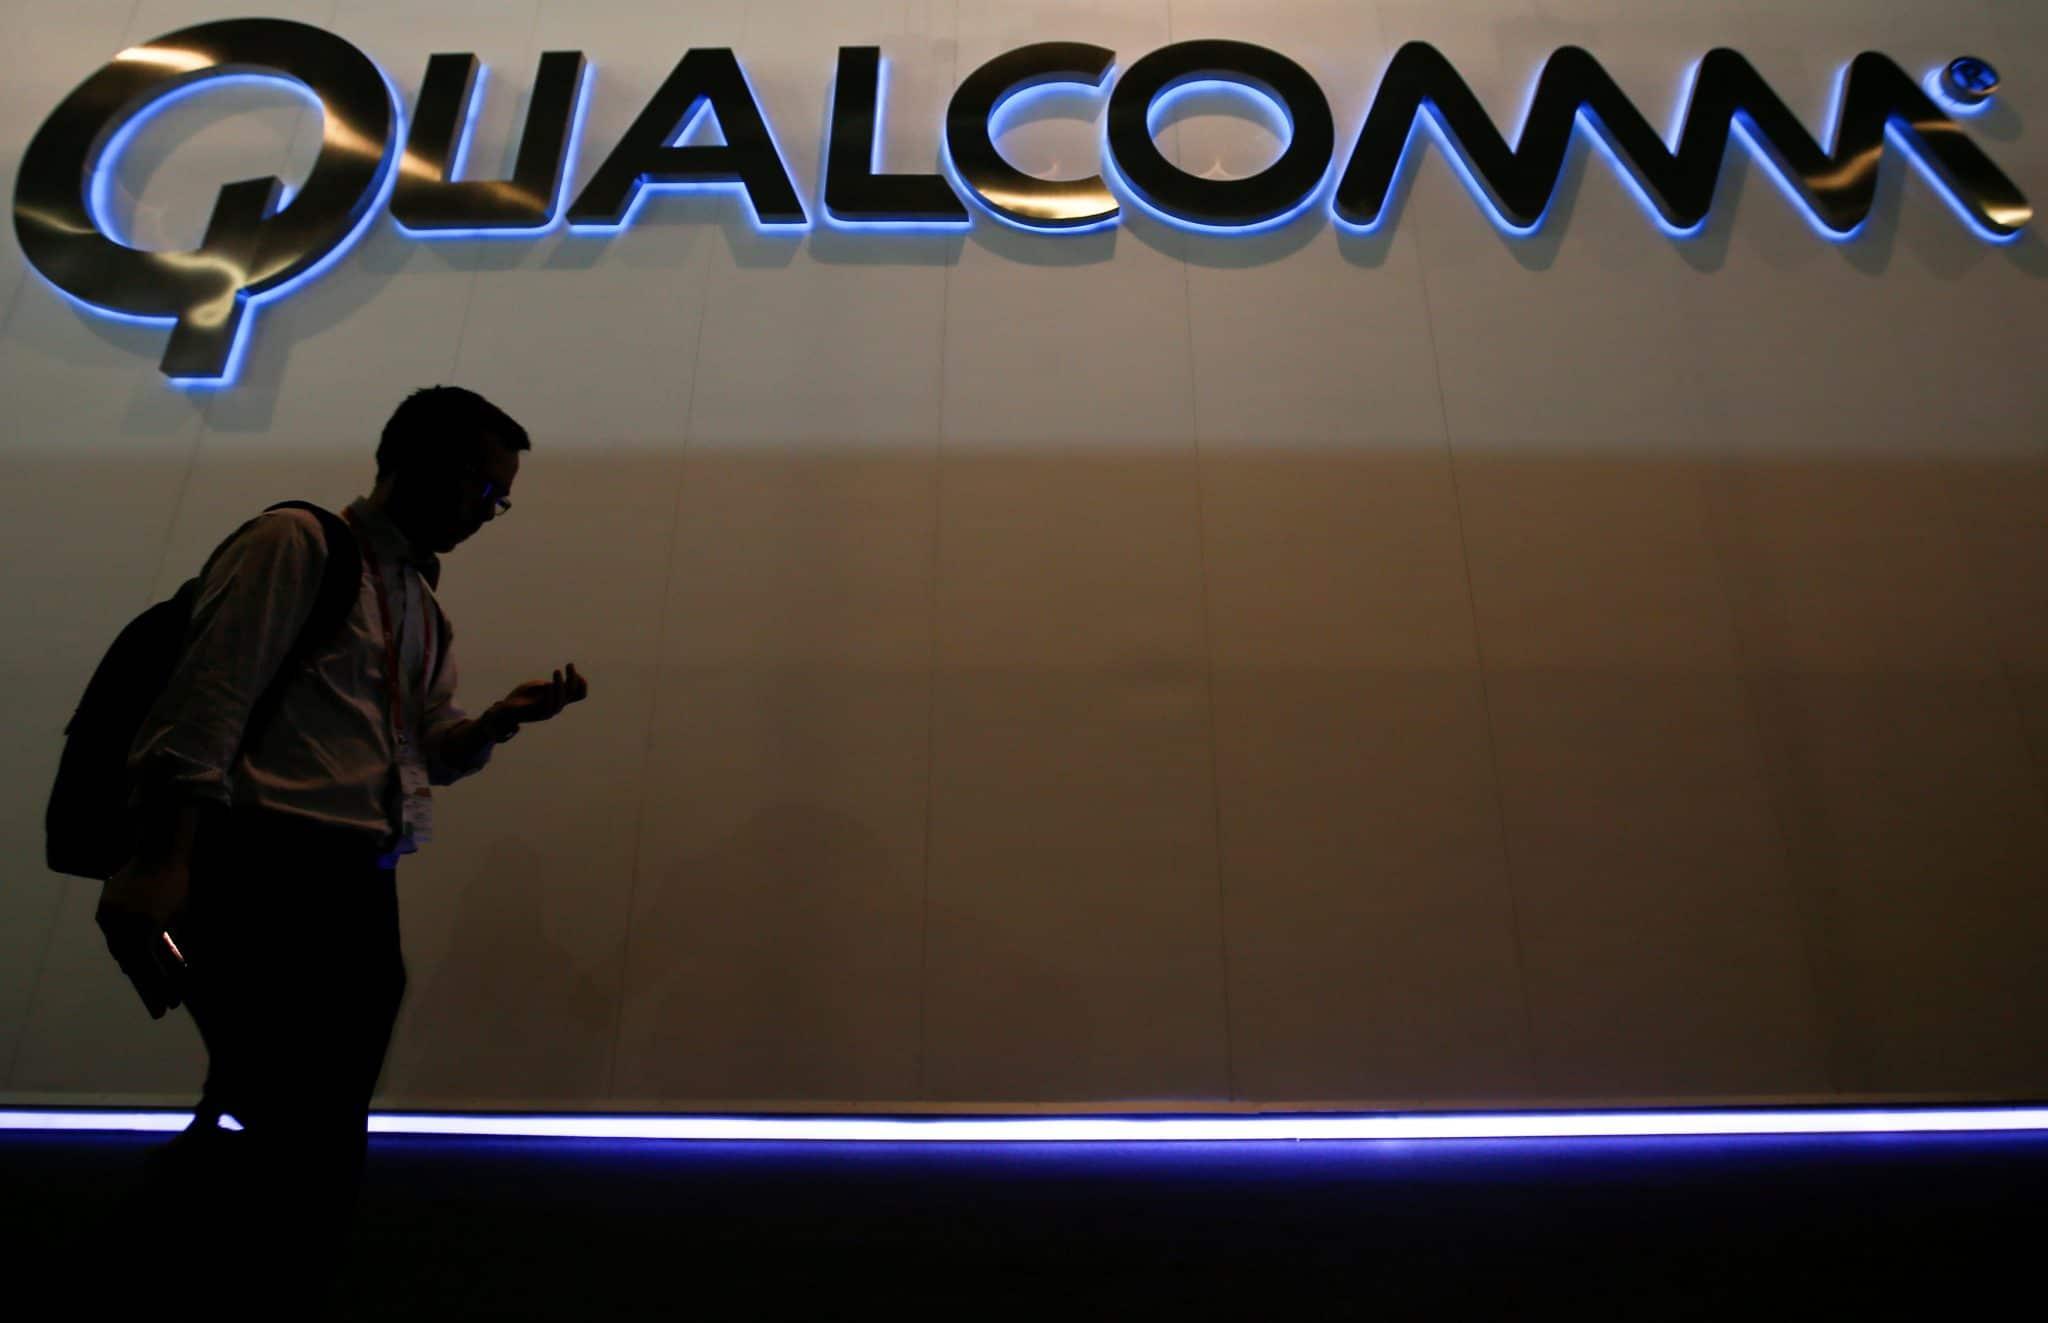 اجبار Qualcomm علي ترخيص براءات اختراعاتها للمنافسين 1